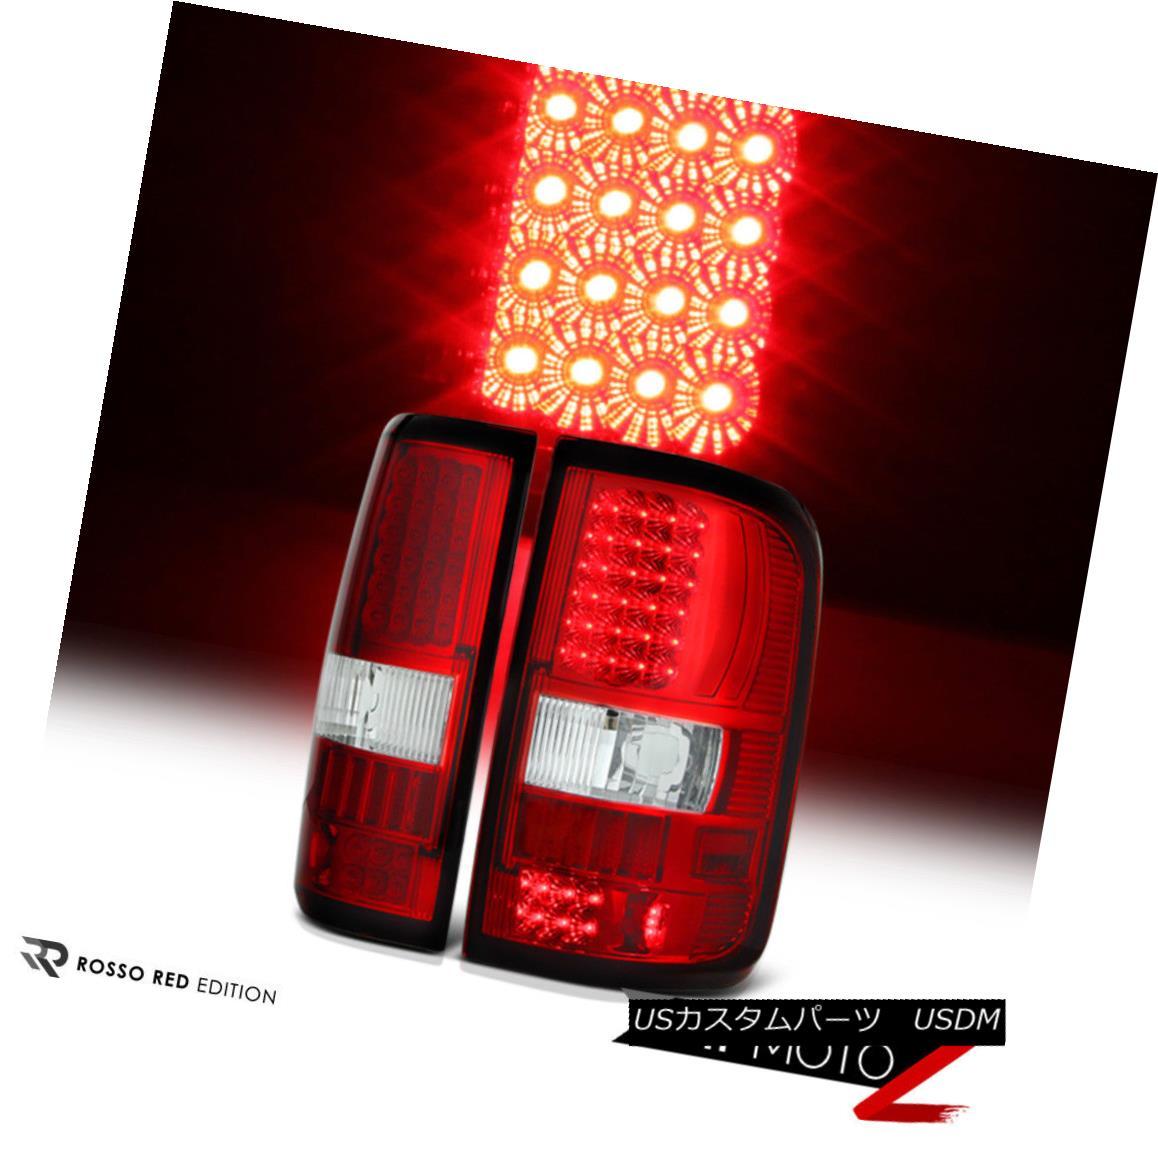 テールライト Factory Style {RED/CLEAR} L+R {Top Quality} LED Tail Light Brake Lamp 04-08 F150 ファクトリースタイル{赤/クリア} L + R {トップ品質} LEDテールライトブレーキランプ04-08 F150